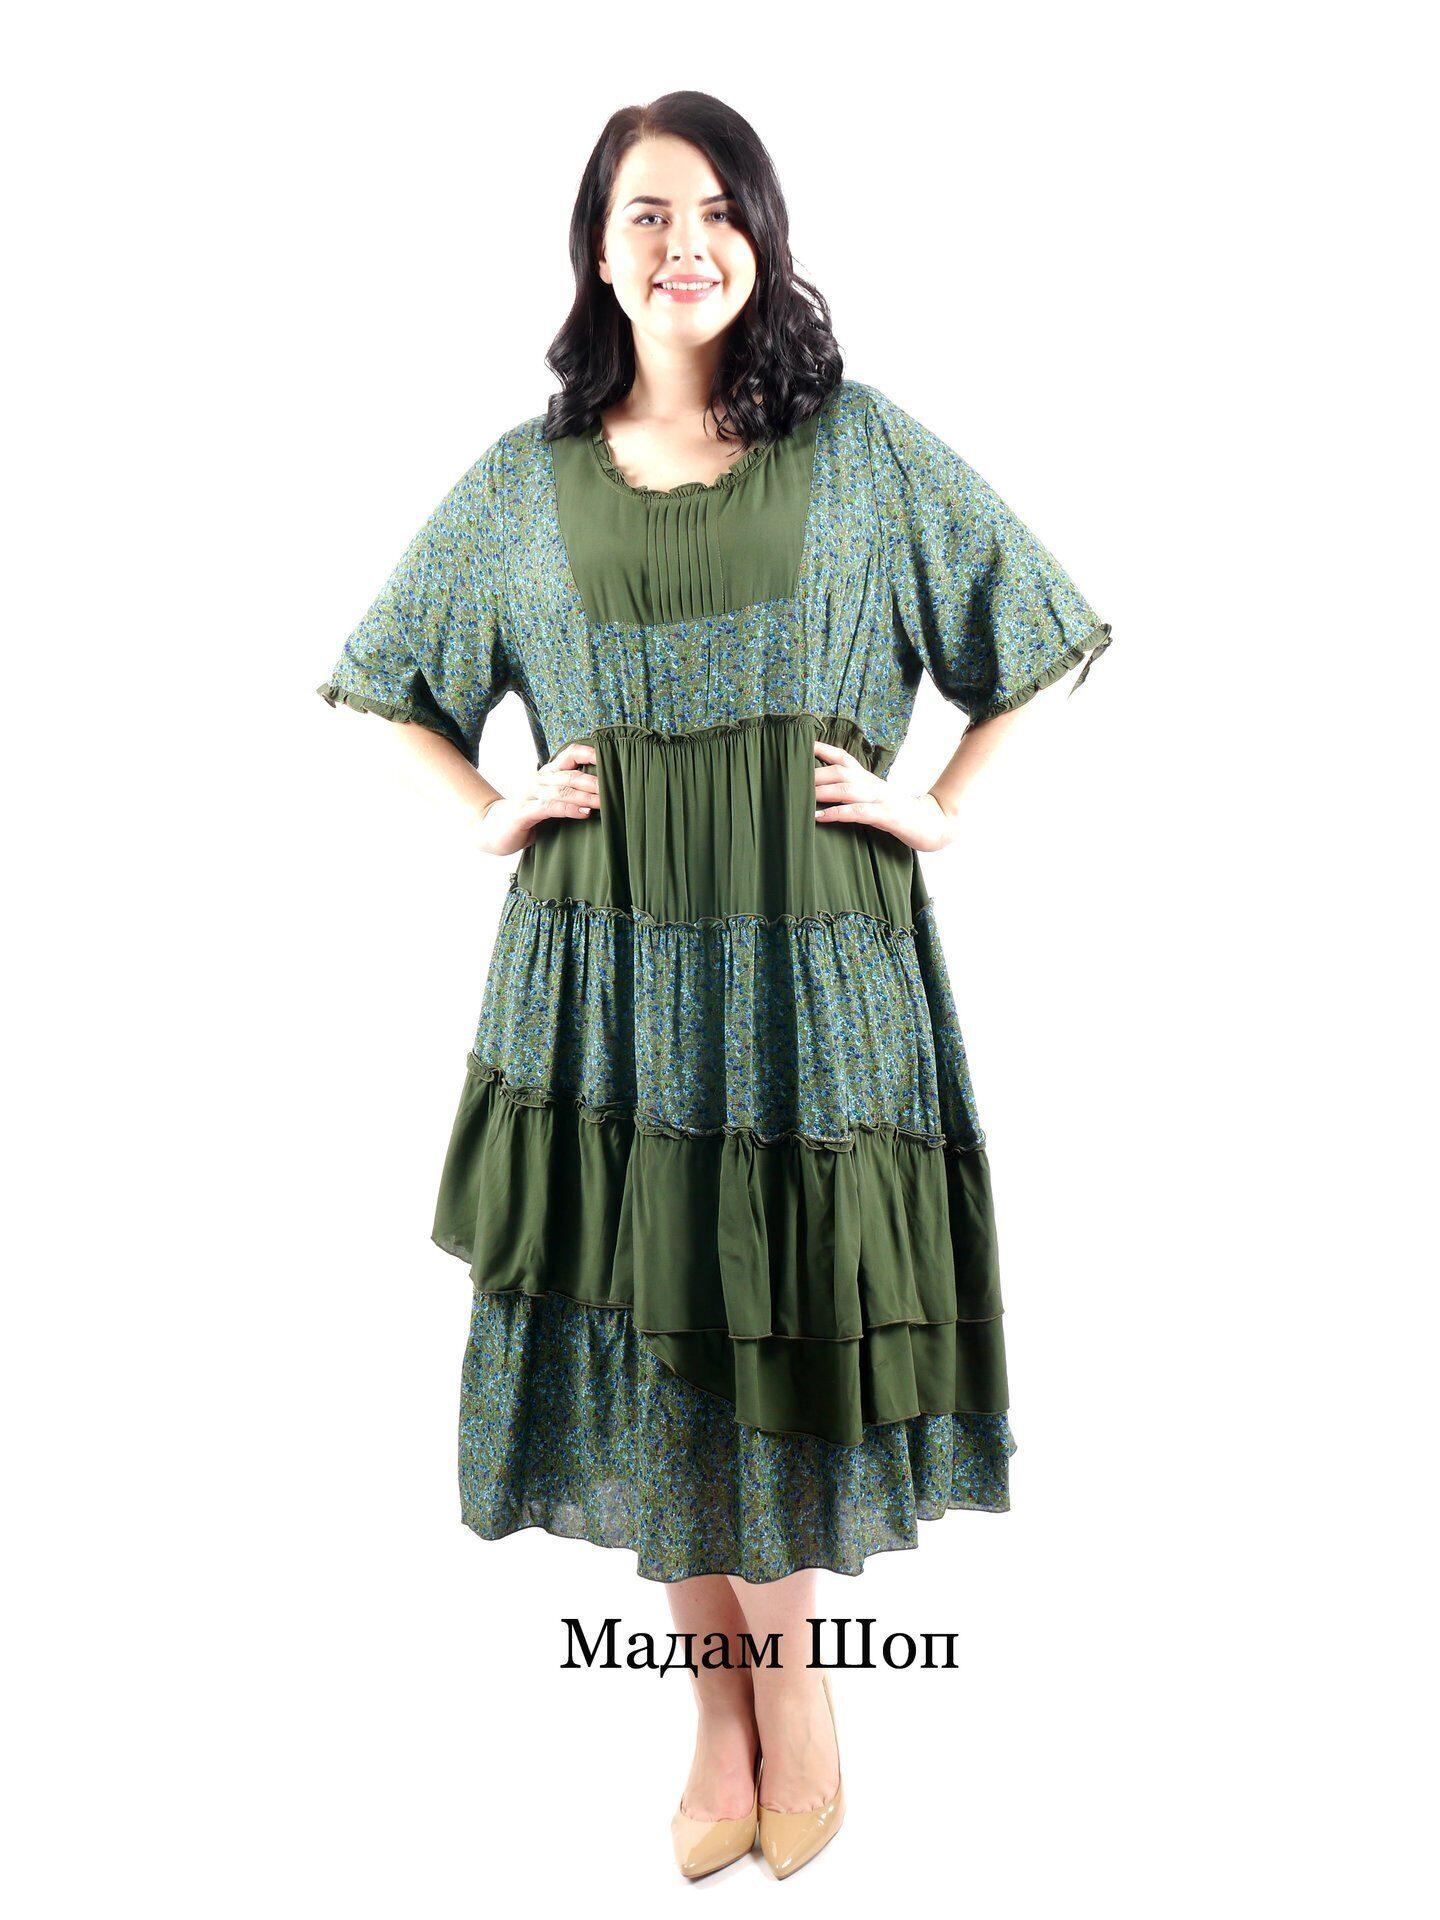 d092f9ab5f438 Свободное платье в зеленых тонах с модным цветочным принтом и широкой  асимметричной оборкой. Украшено плиссировкой